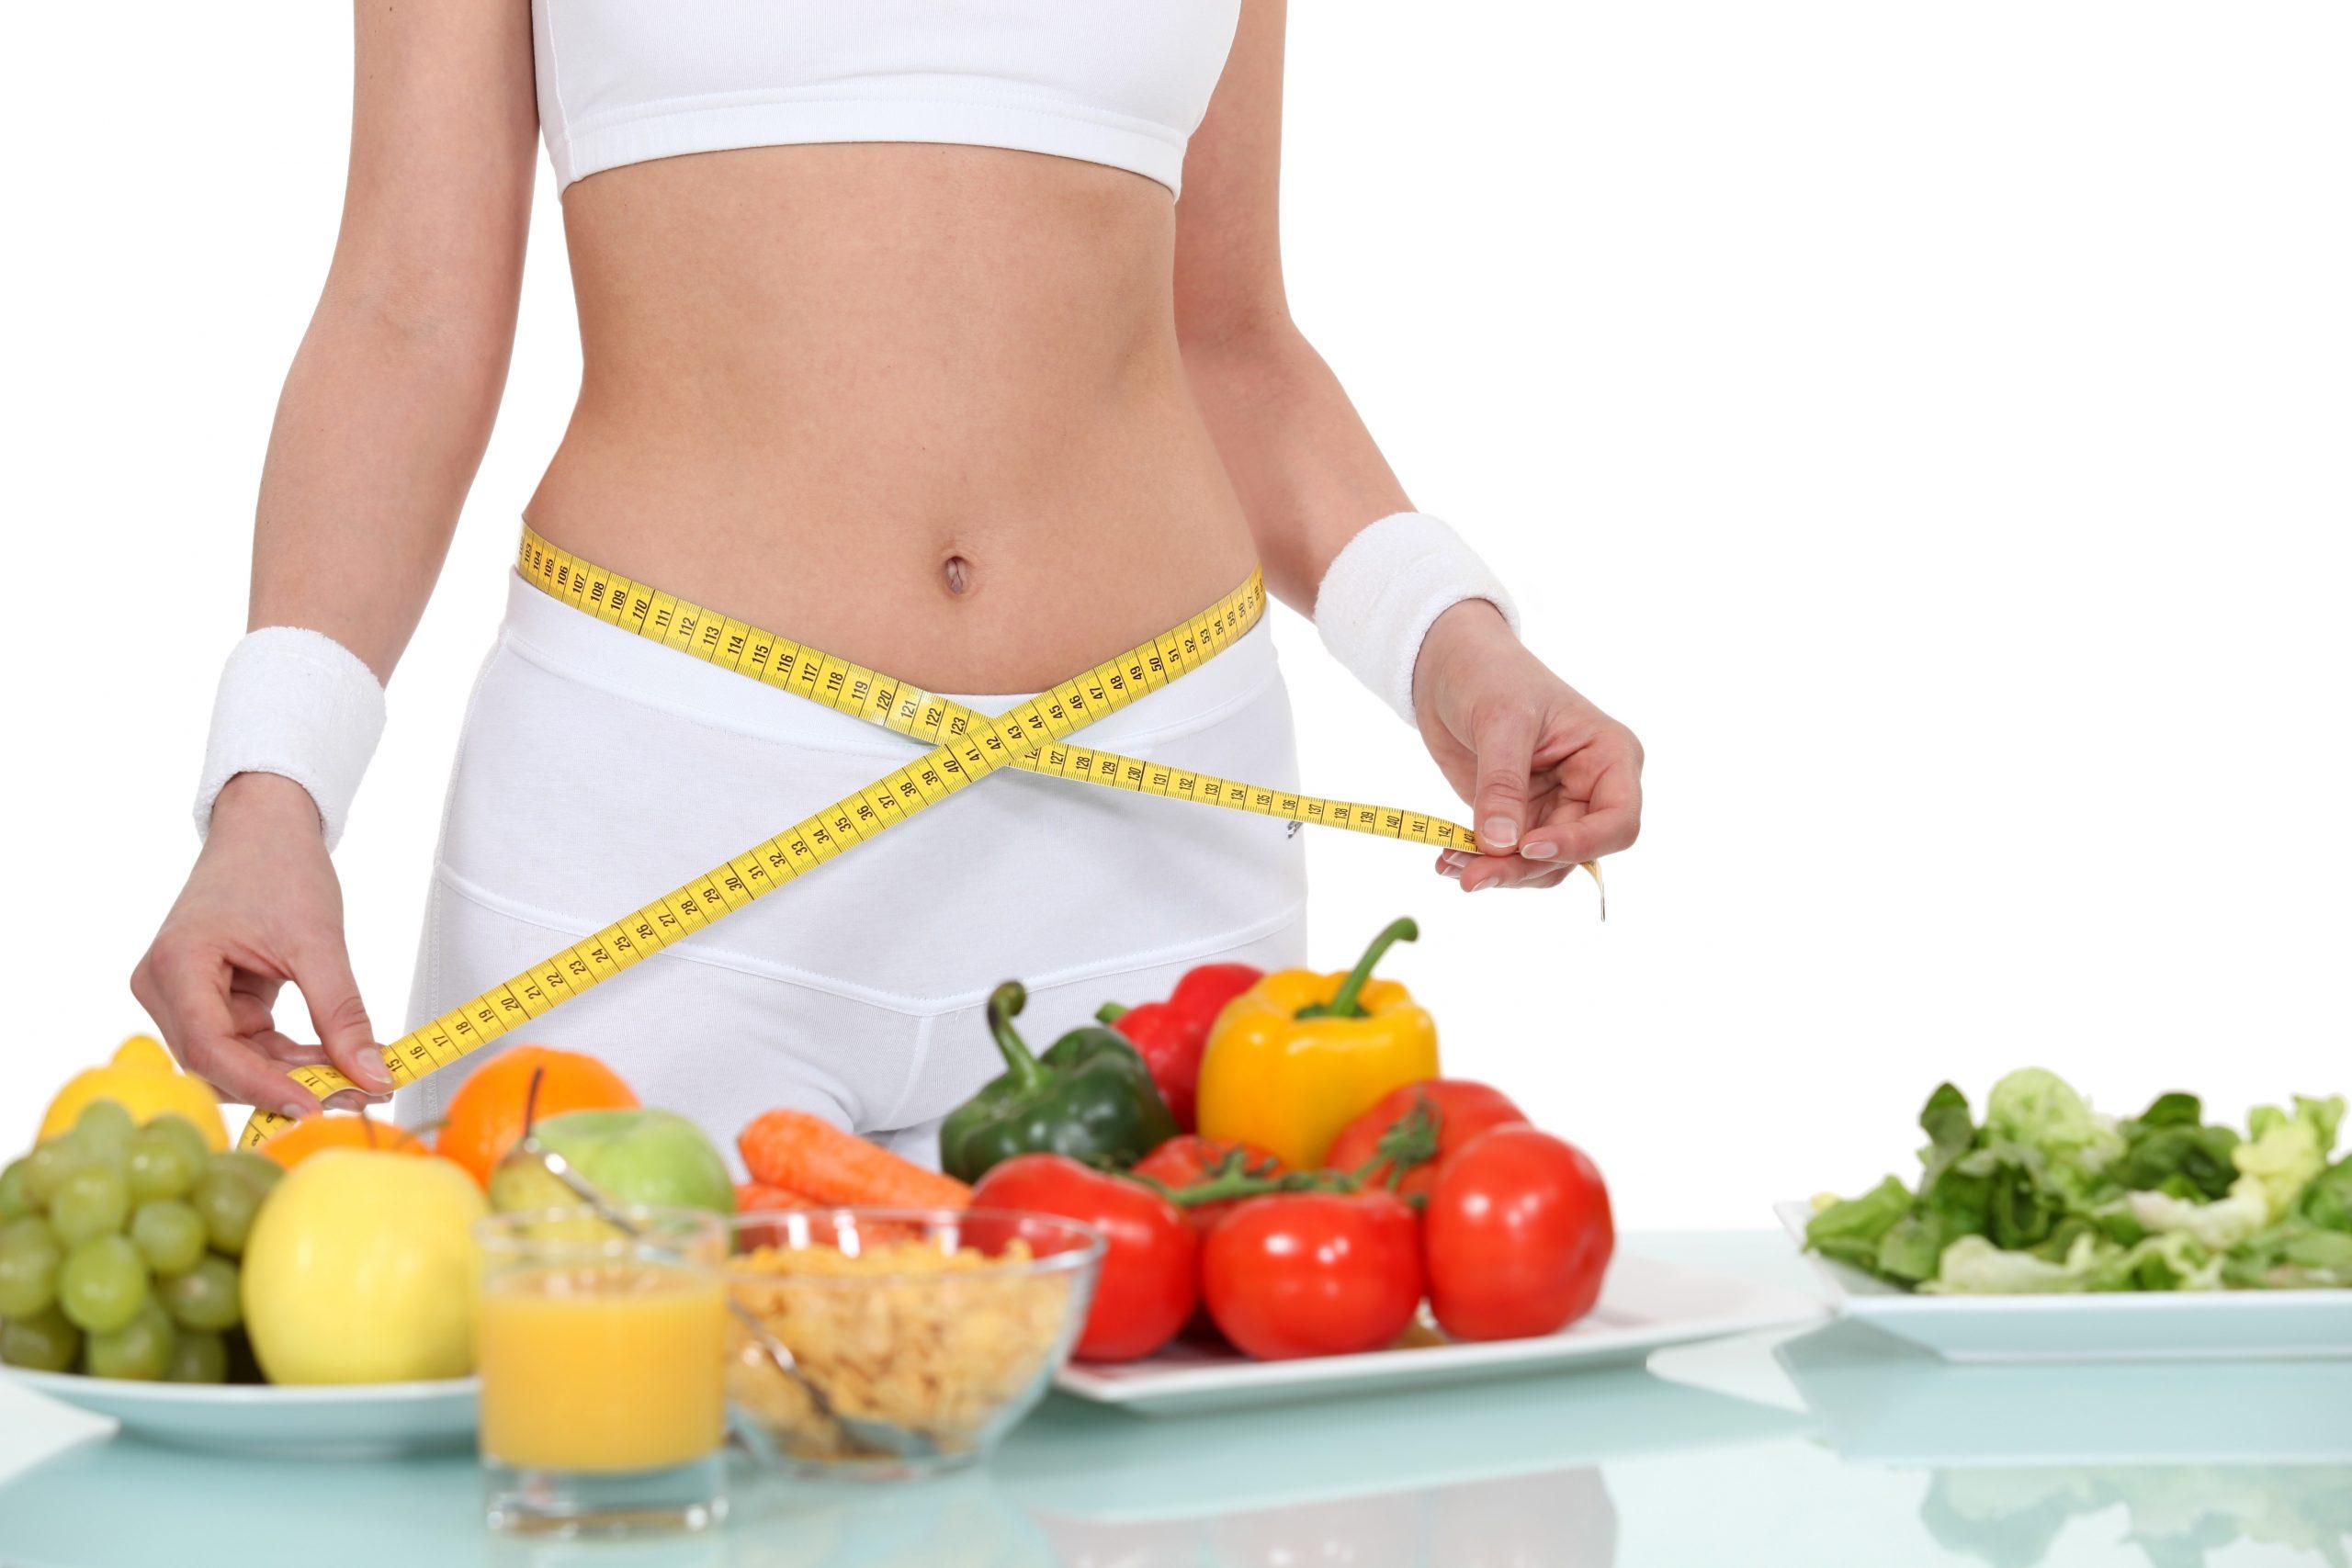 cách giảm cân hiệu quả nhất trong 1 tuần